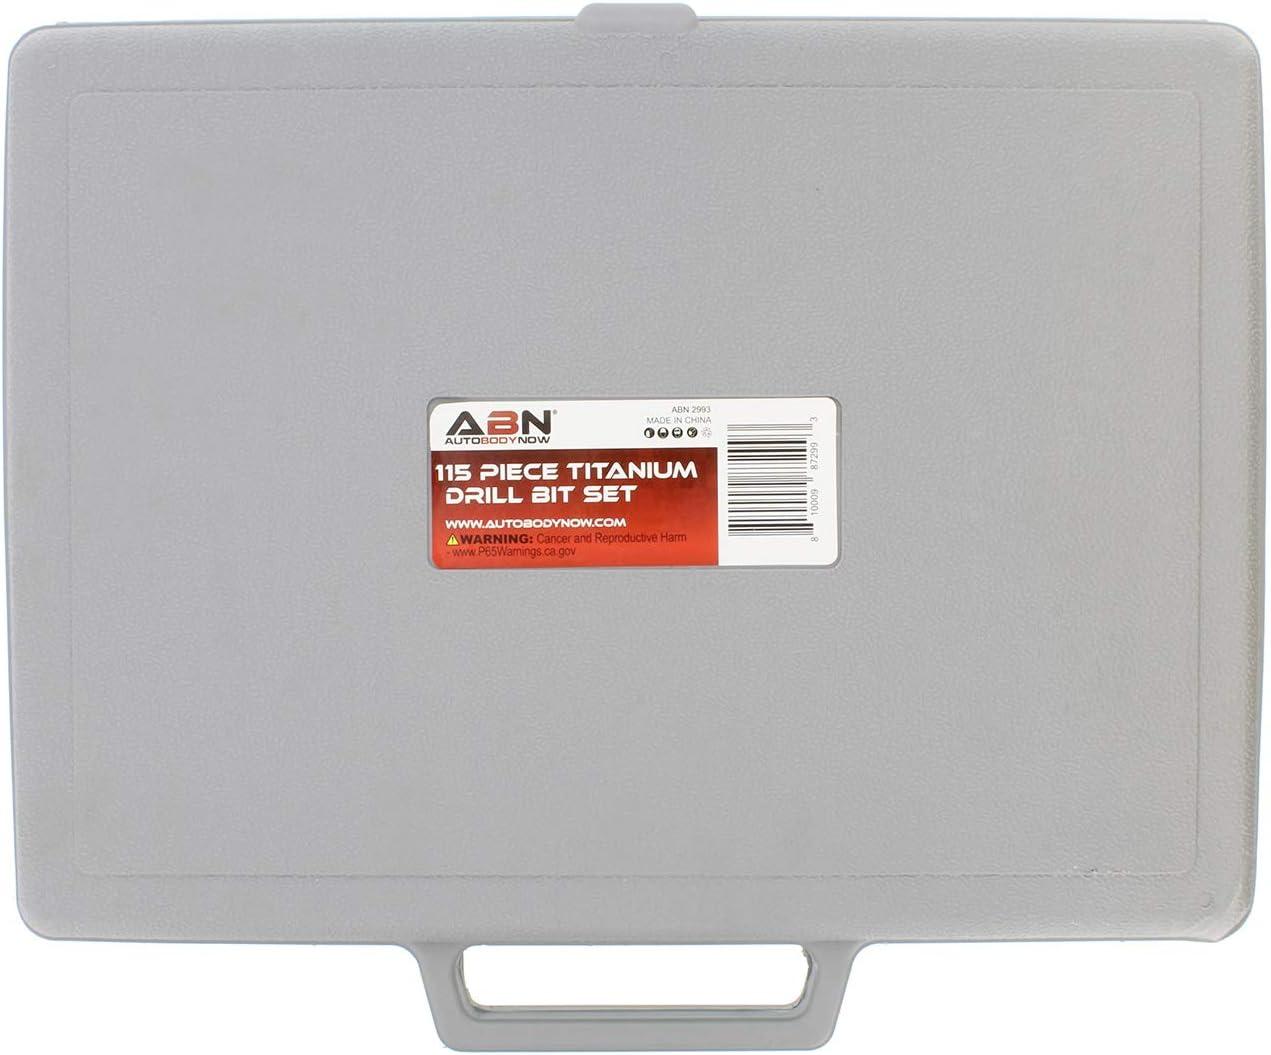 1-60 Sizes ABN Titanium Drill Bits Set Twist Drill Bit for Metal Drill Bits SAE Standard 1//16-1//2 Inch A-Z 115-Piece